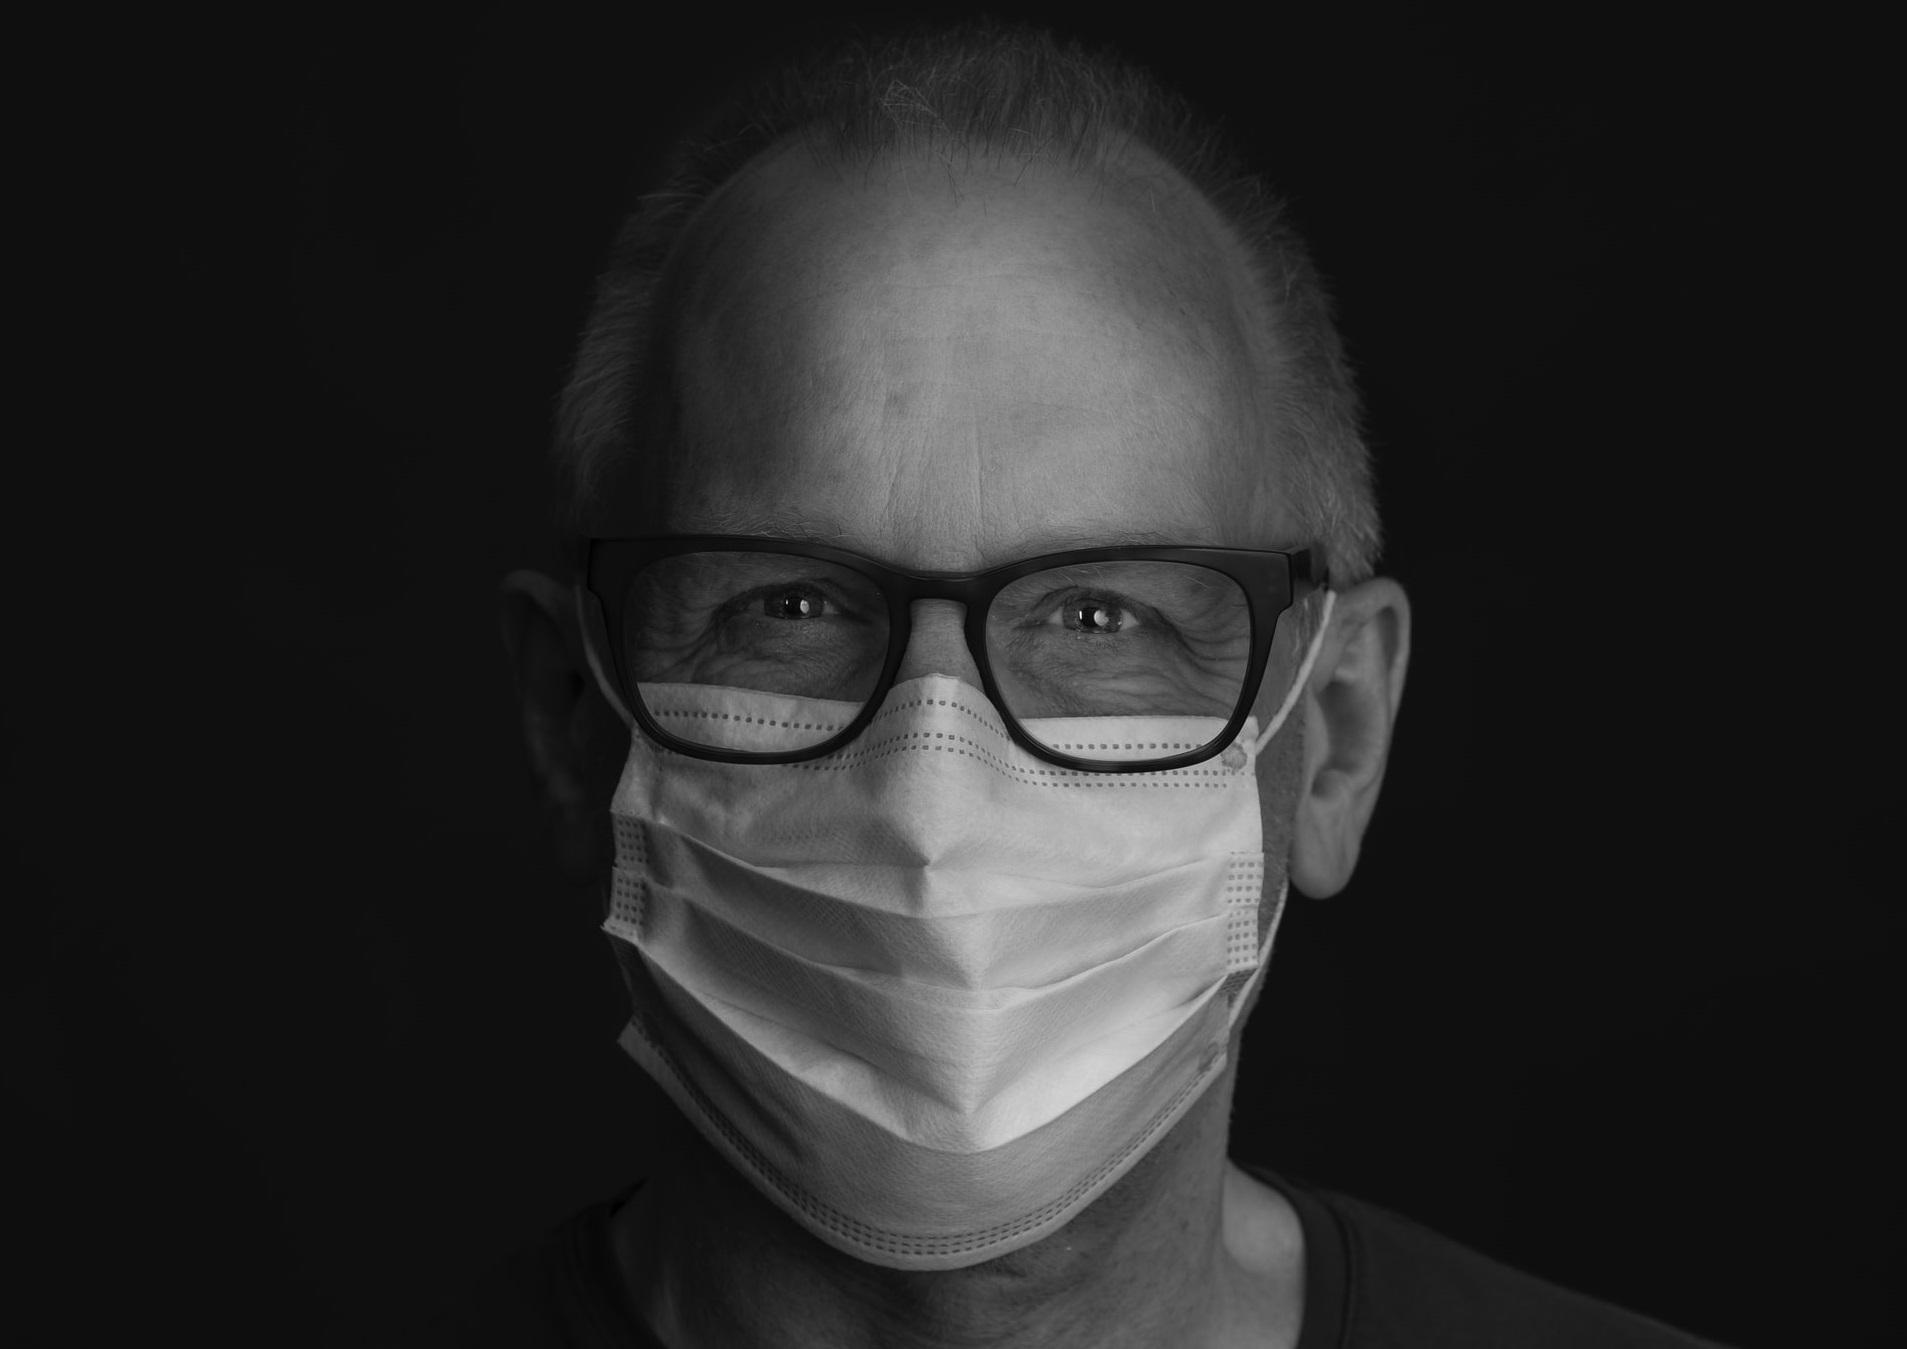 Ochelarii de vedere te feresc de Covid-19. Barieră pentru particulele infectate și contact redus al mâinilor cu fața